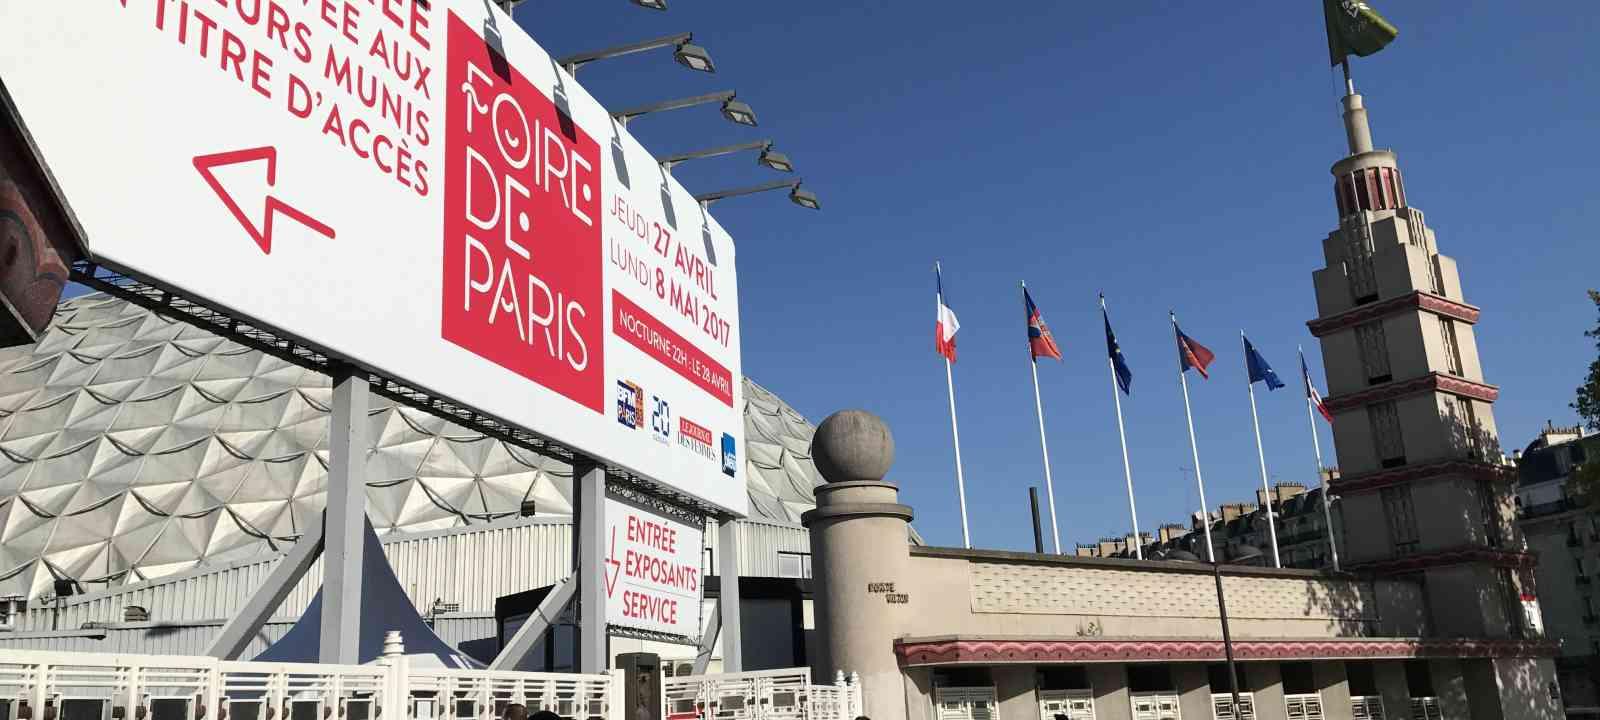 Foire de Paris 2017 - entrée